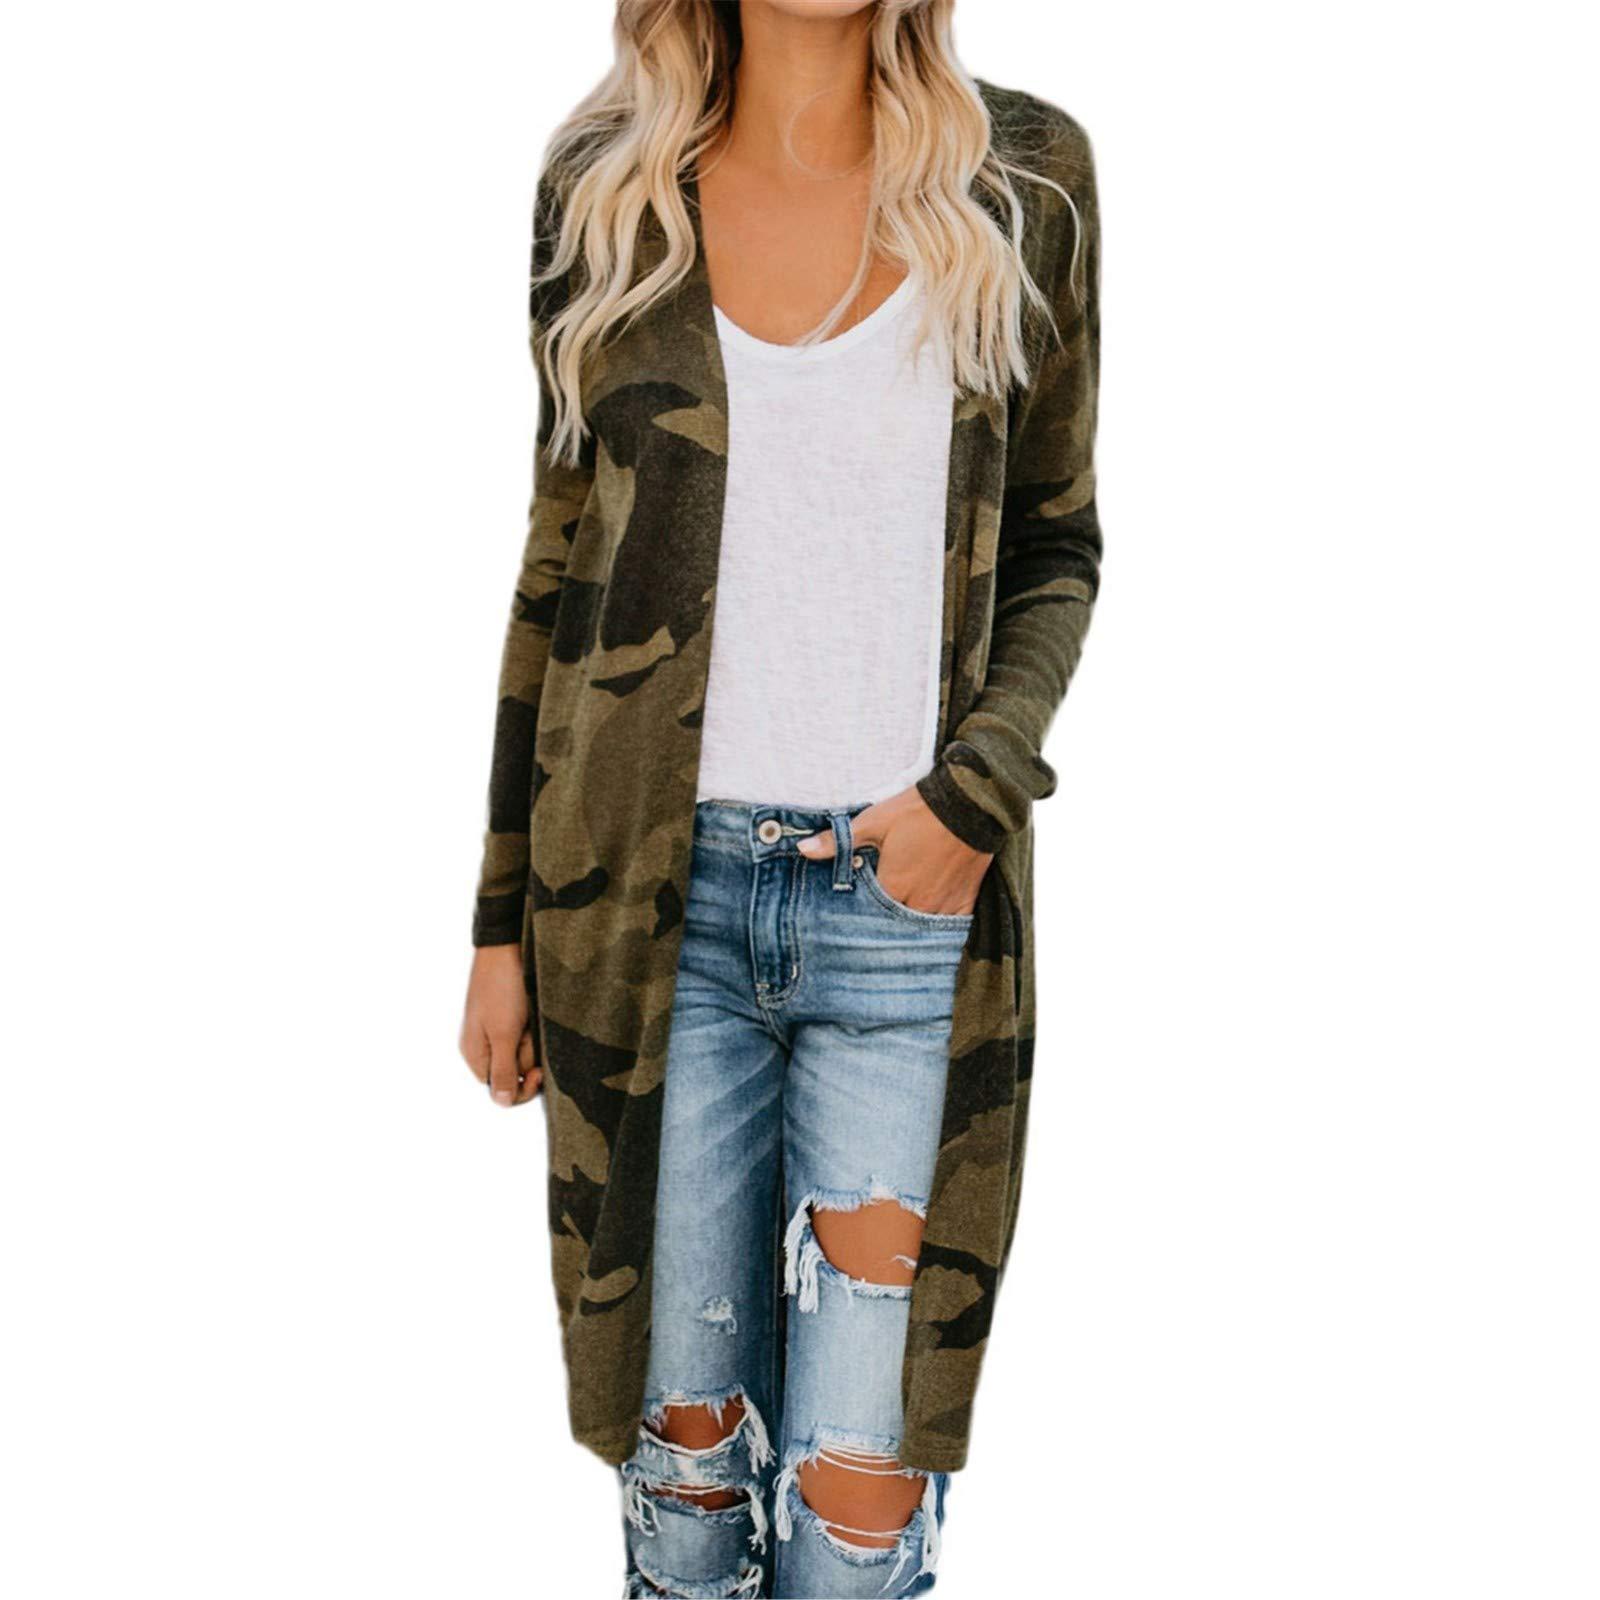 Women Long Cardigan Camouflage Long Sleeve Coat Leisure Leopard Print Outerwear Coat by Bookear Cardigan